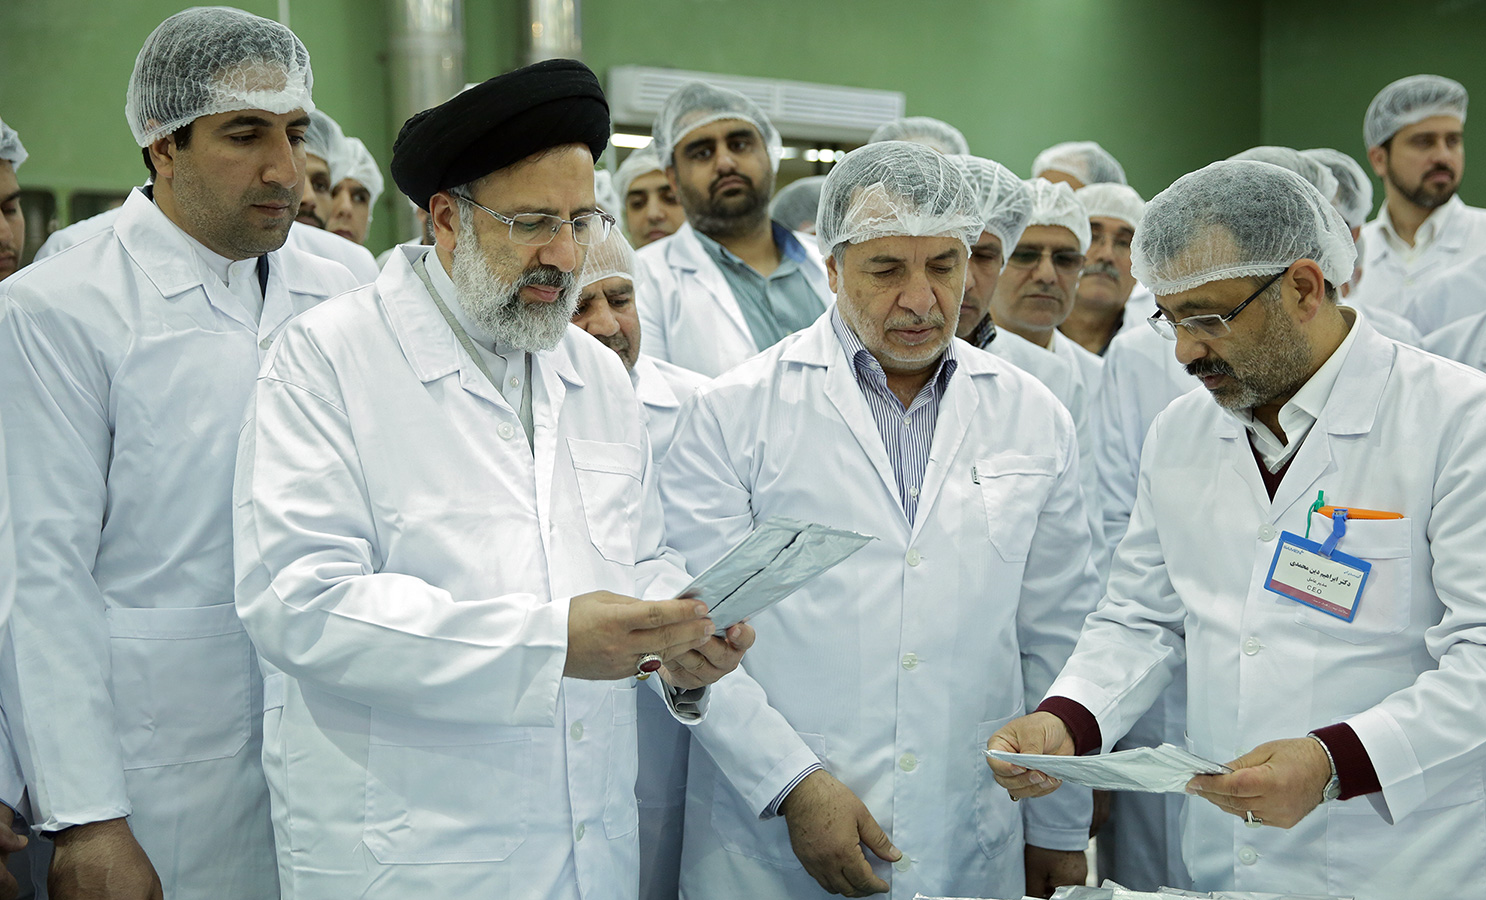 بازدید حجت الاسلام رئیسی از تولید صنعتی محلول تزریقی استامینوفن در مرکز دارویی ثامن